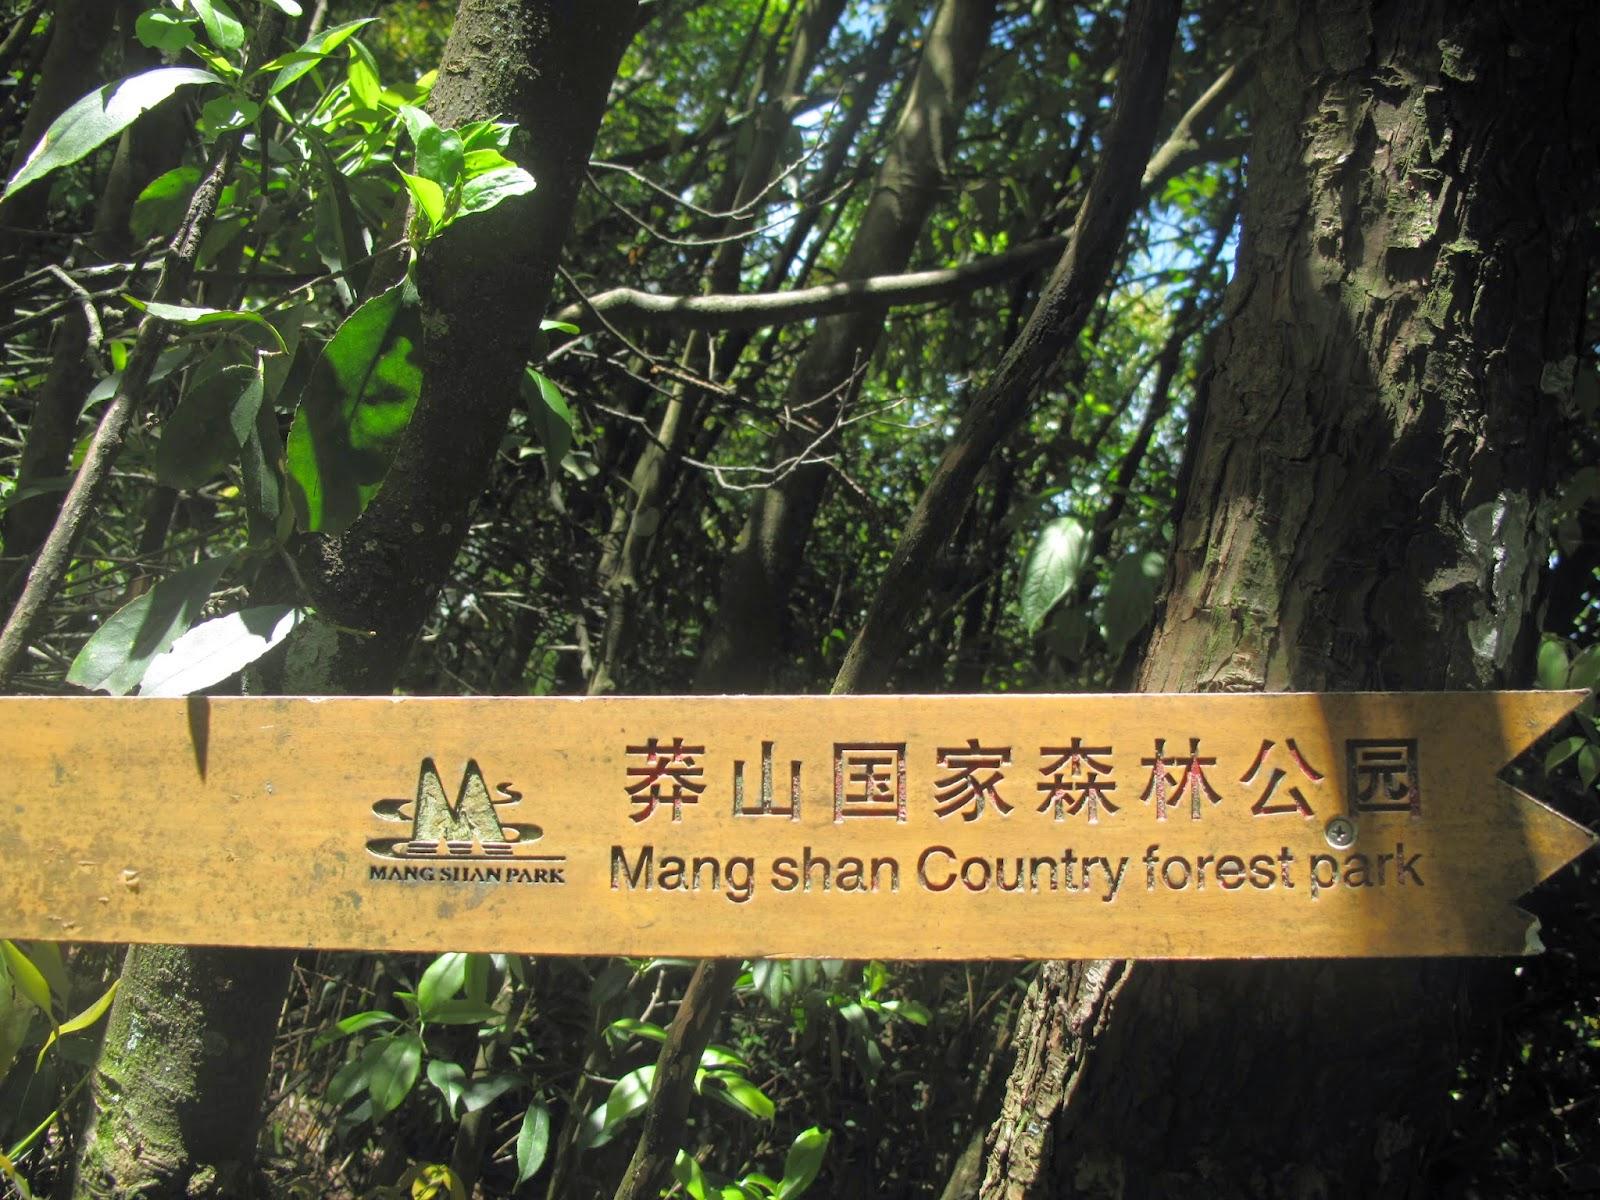 費慧莎的角落: 到湖南莽山國家森林公園_從香港出發的公車路綫